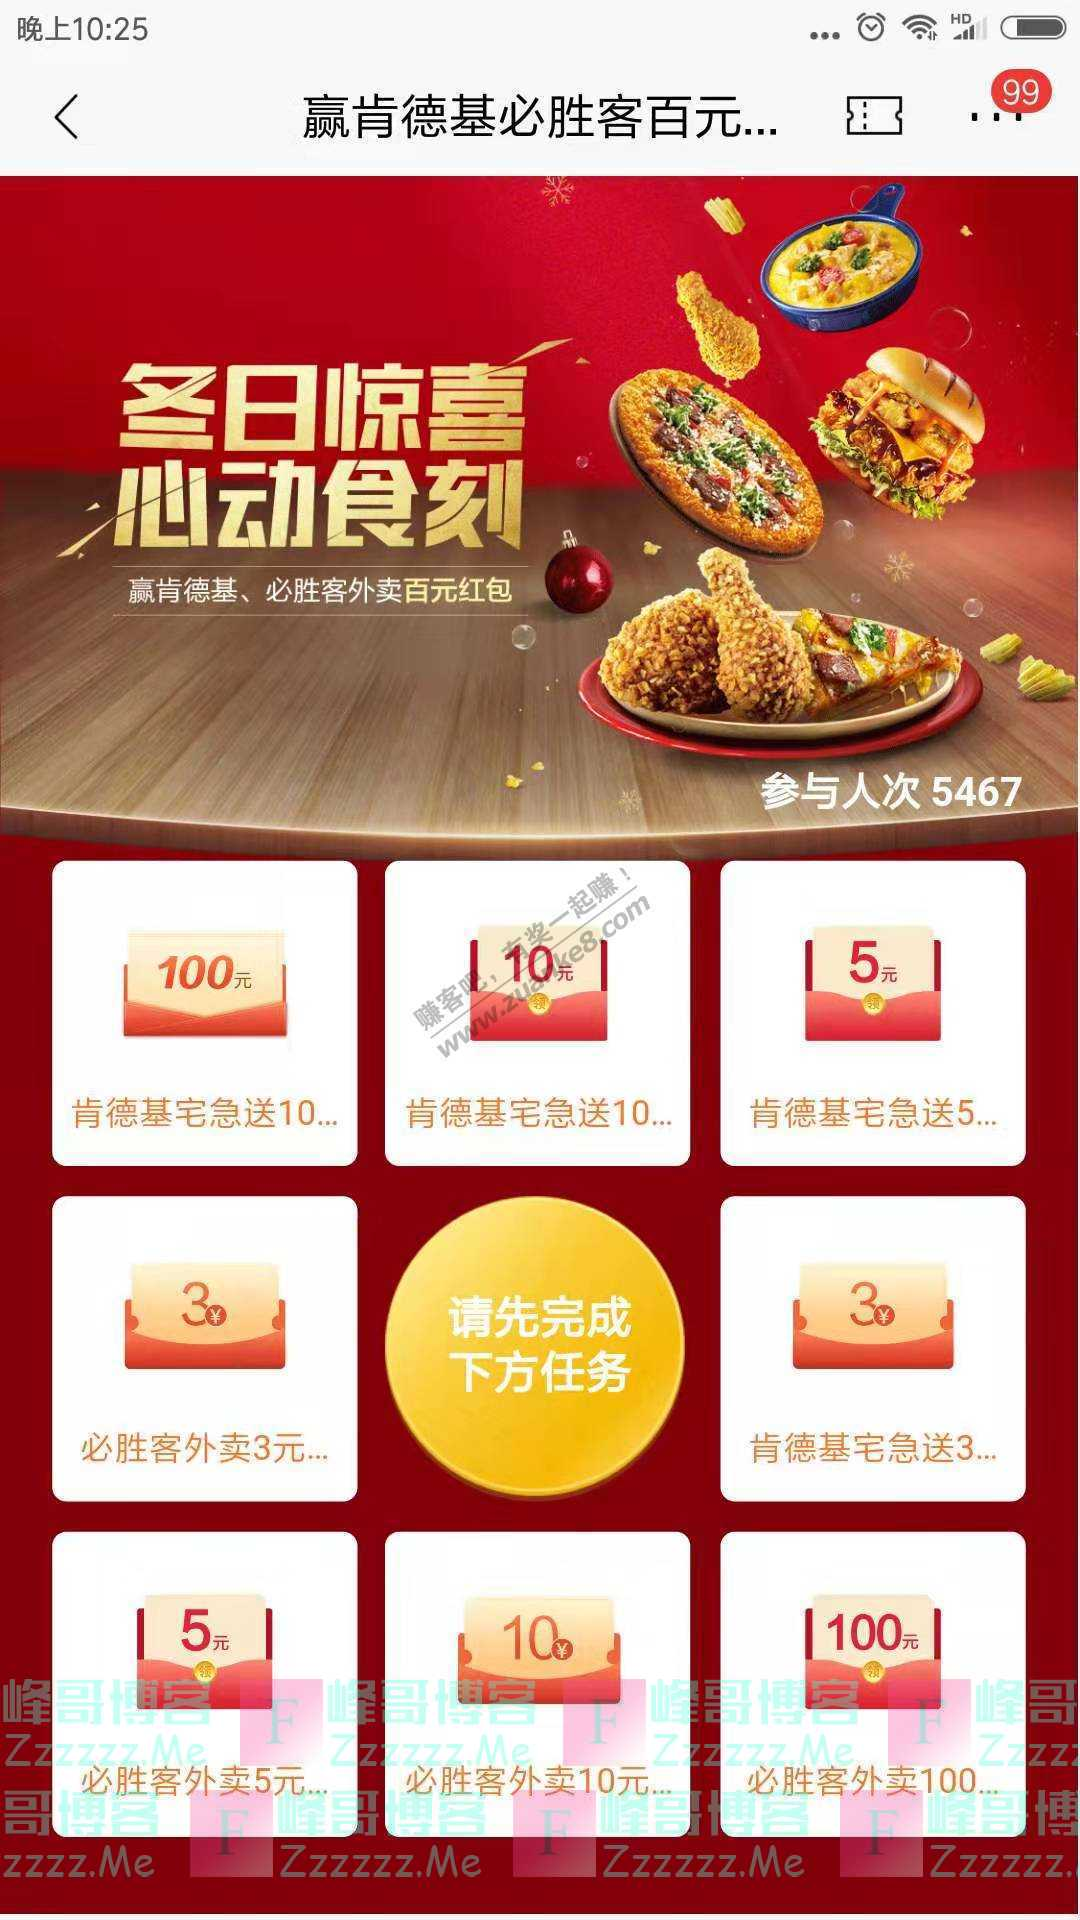 招商银行app赢肯德基必胜客百元红包(截止12月31日)